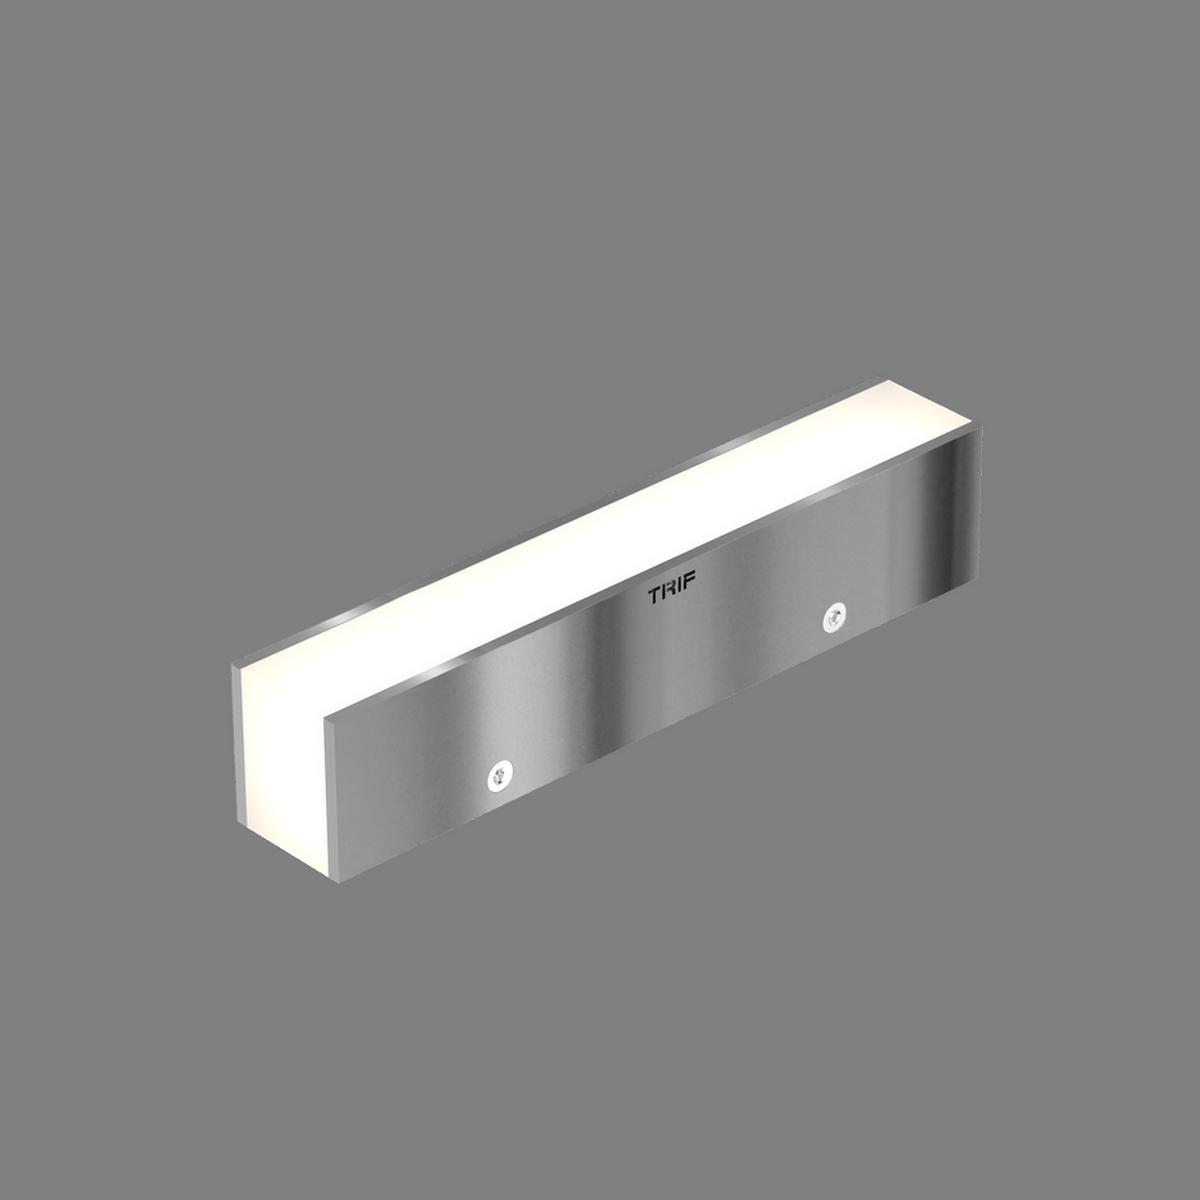 TRIF LANE IP68: Линейные светодиодные светильники в мощение